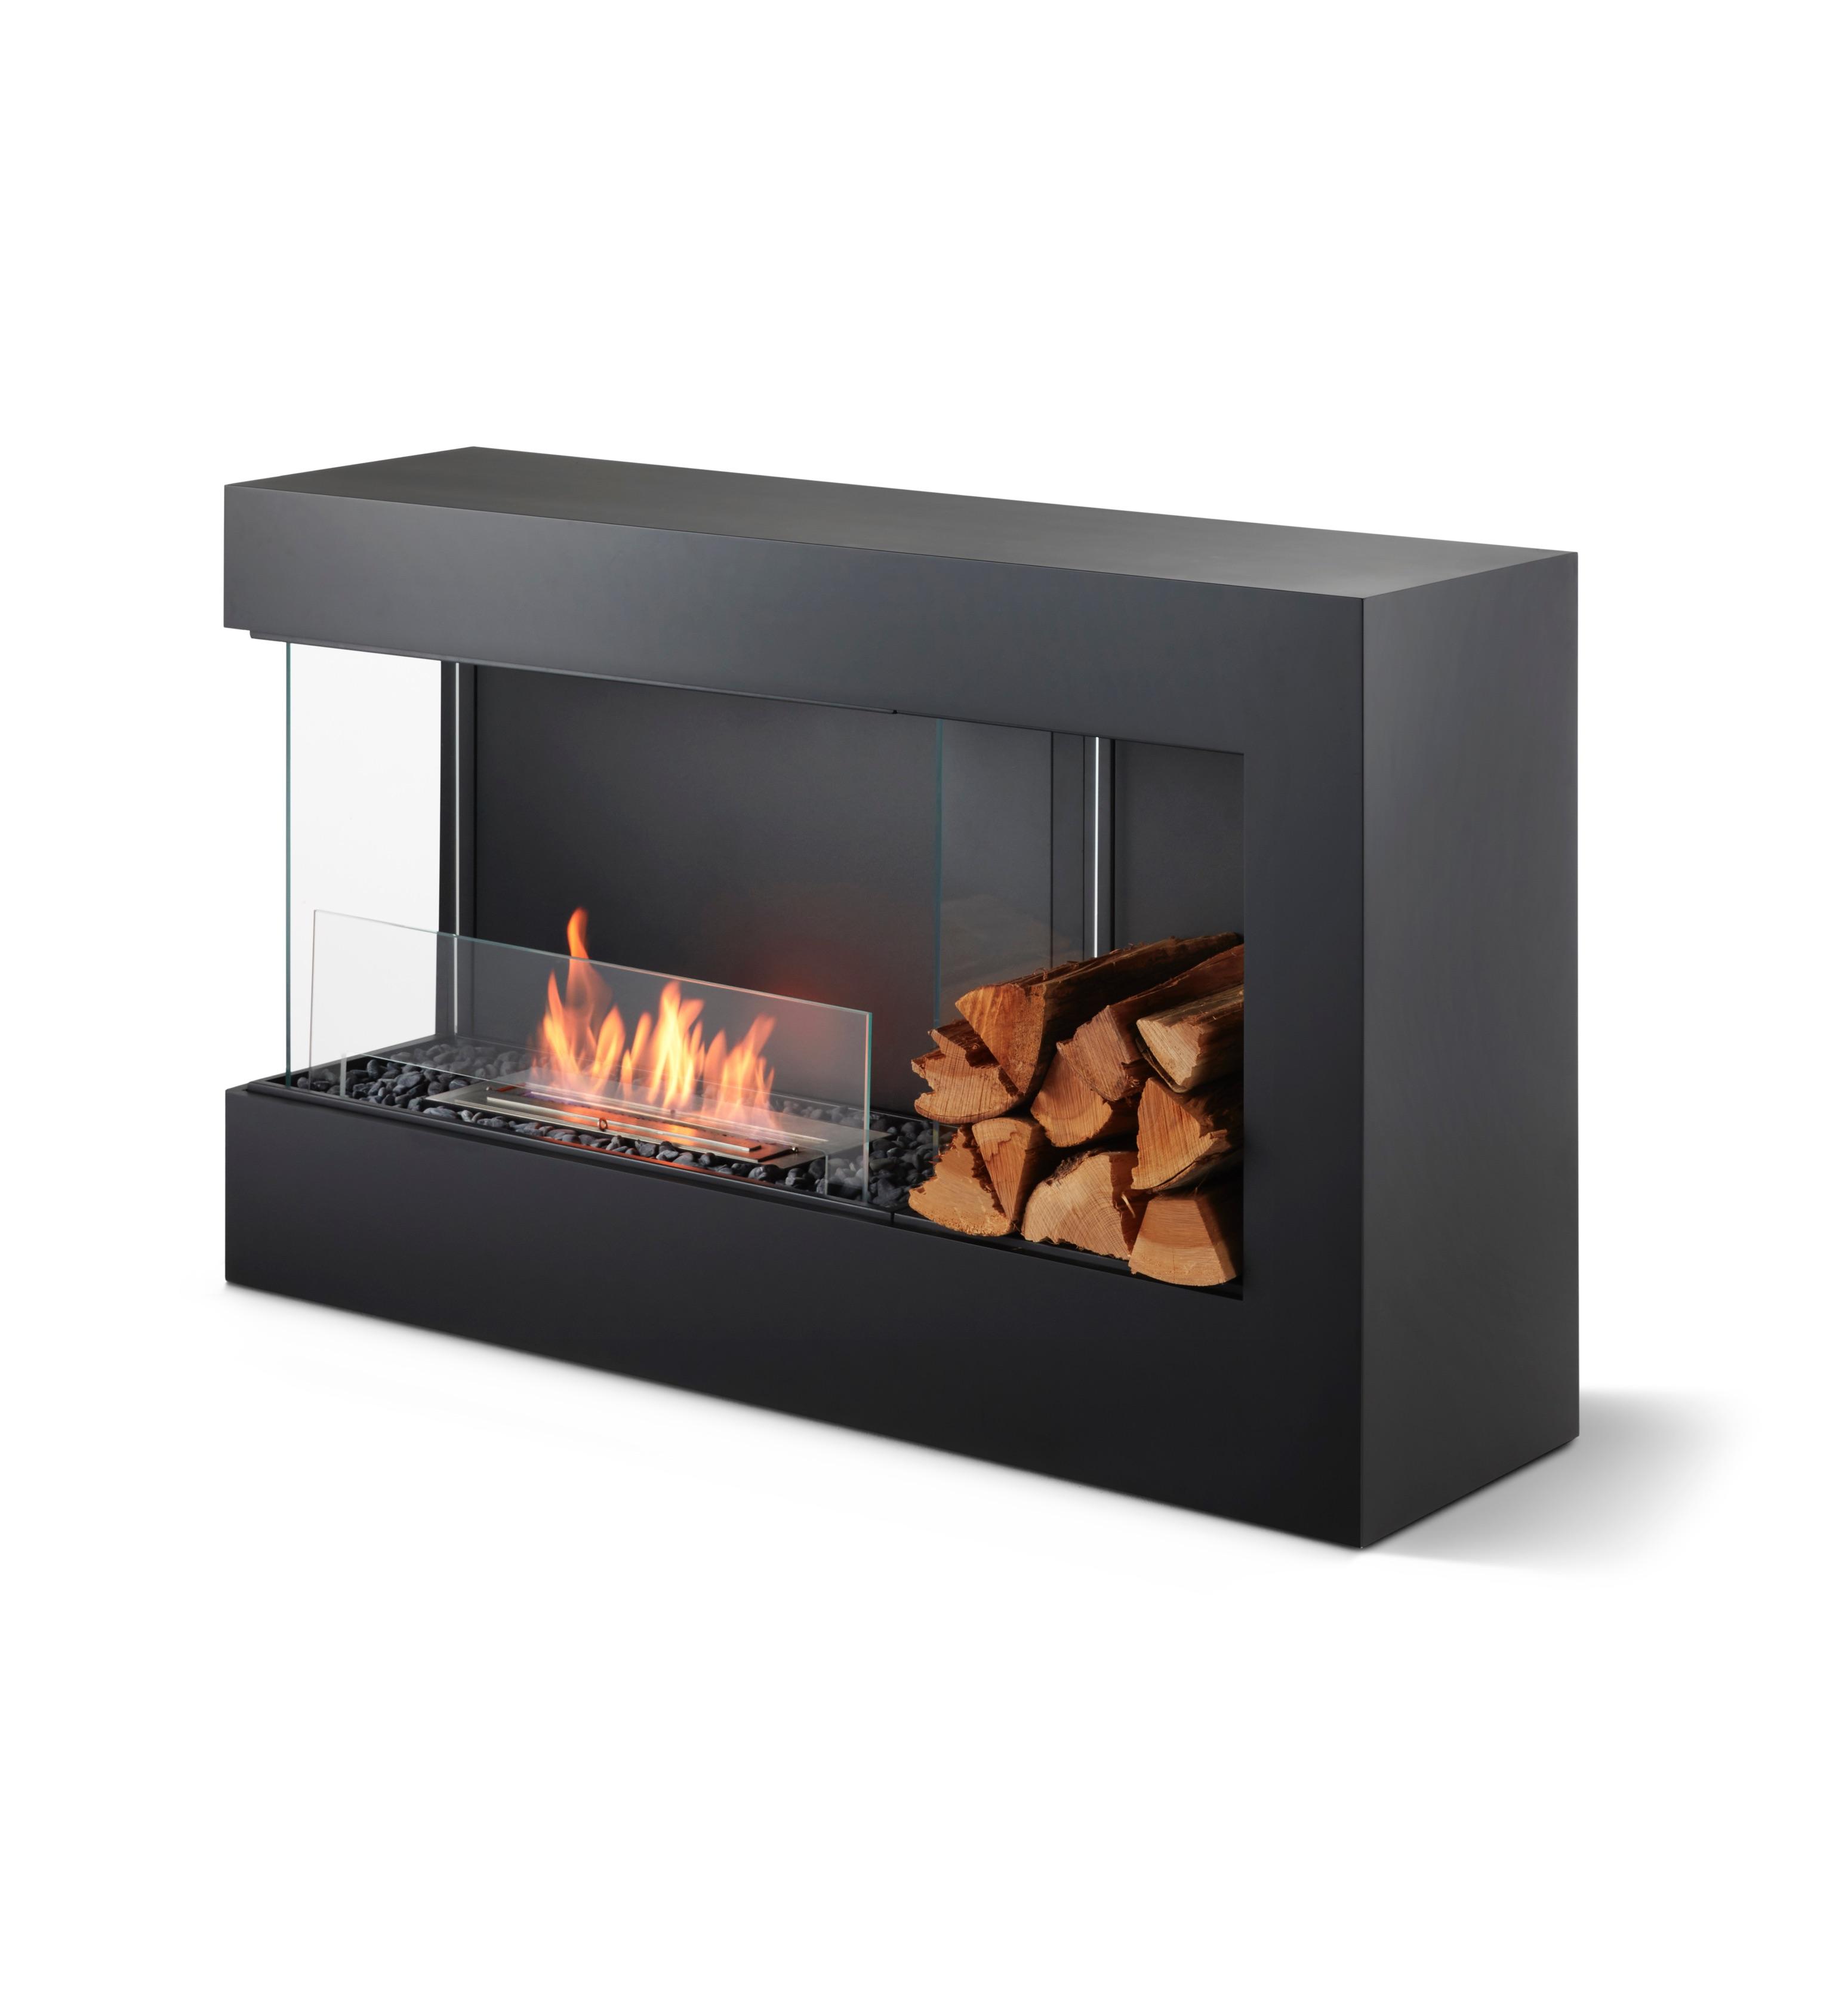 バイオエタノール暖炉にモダンな横長炎の新シリーズ